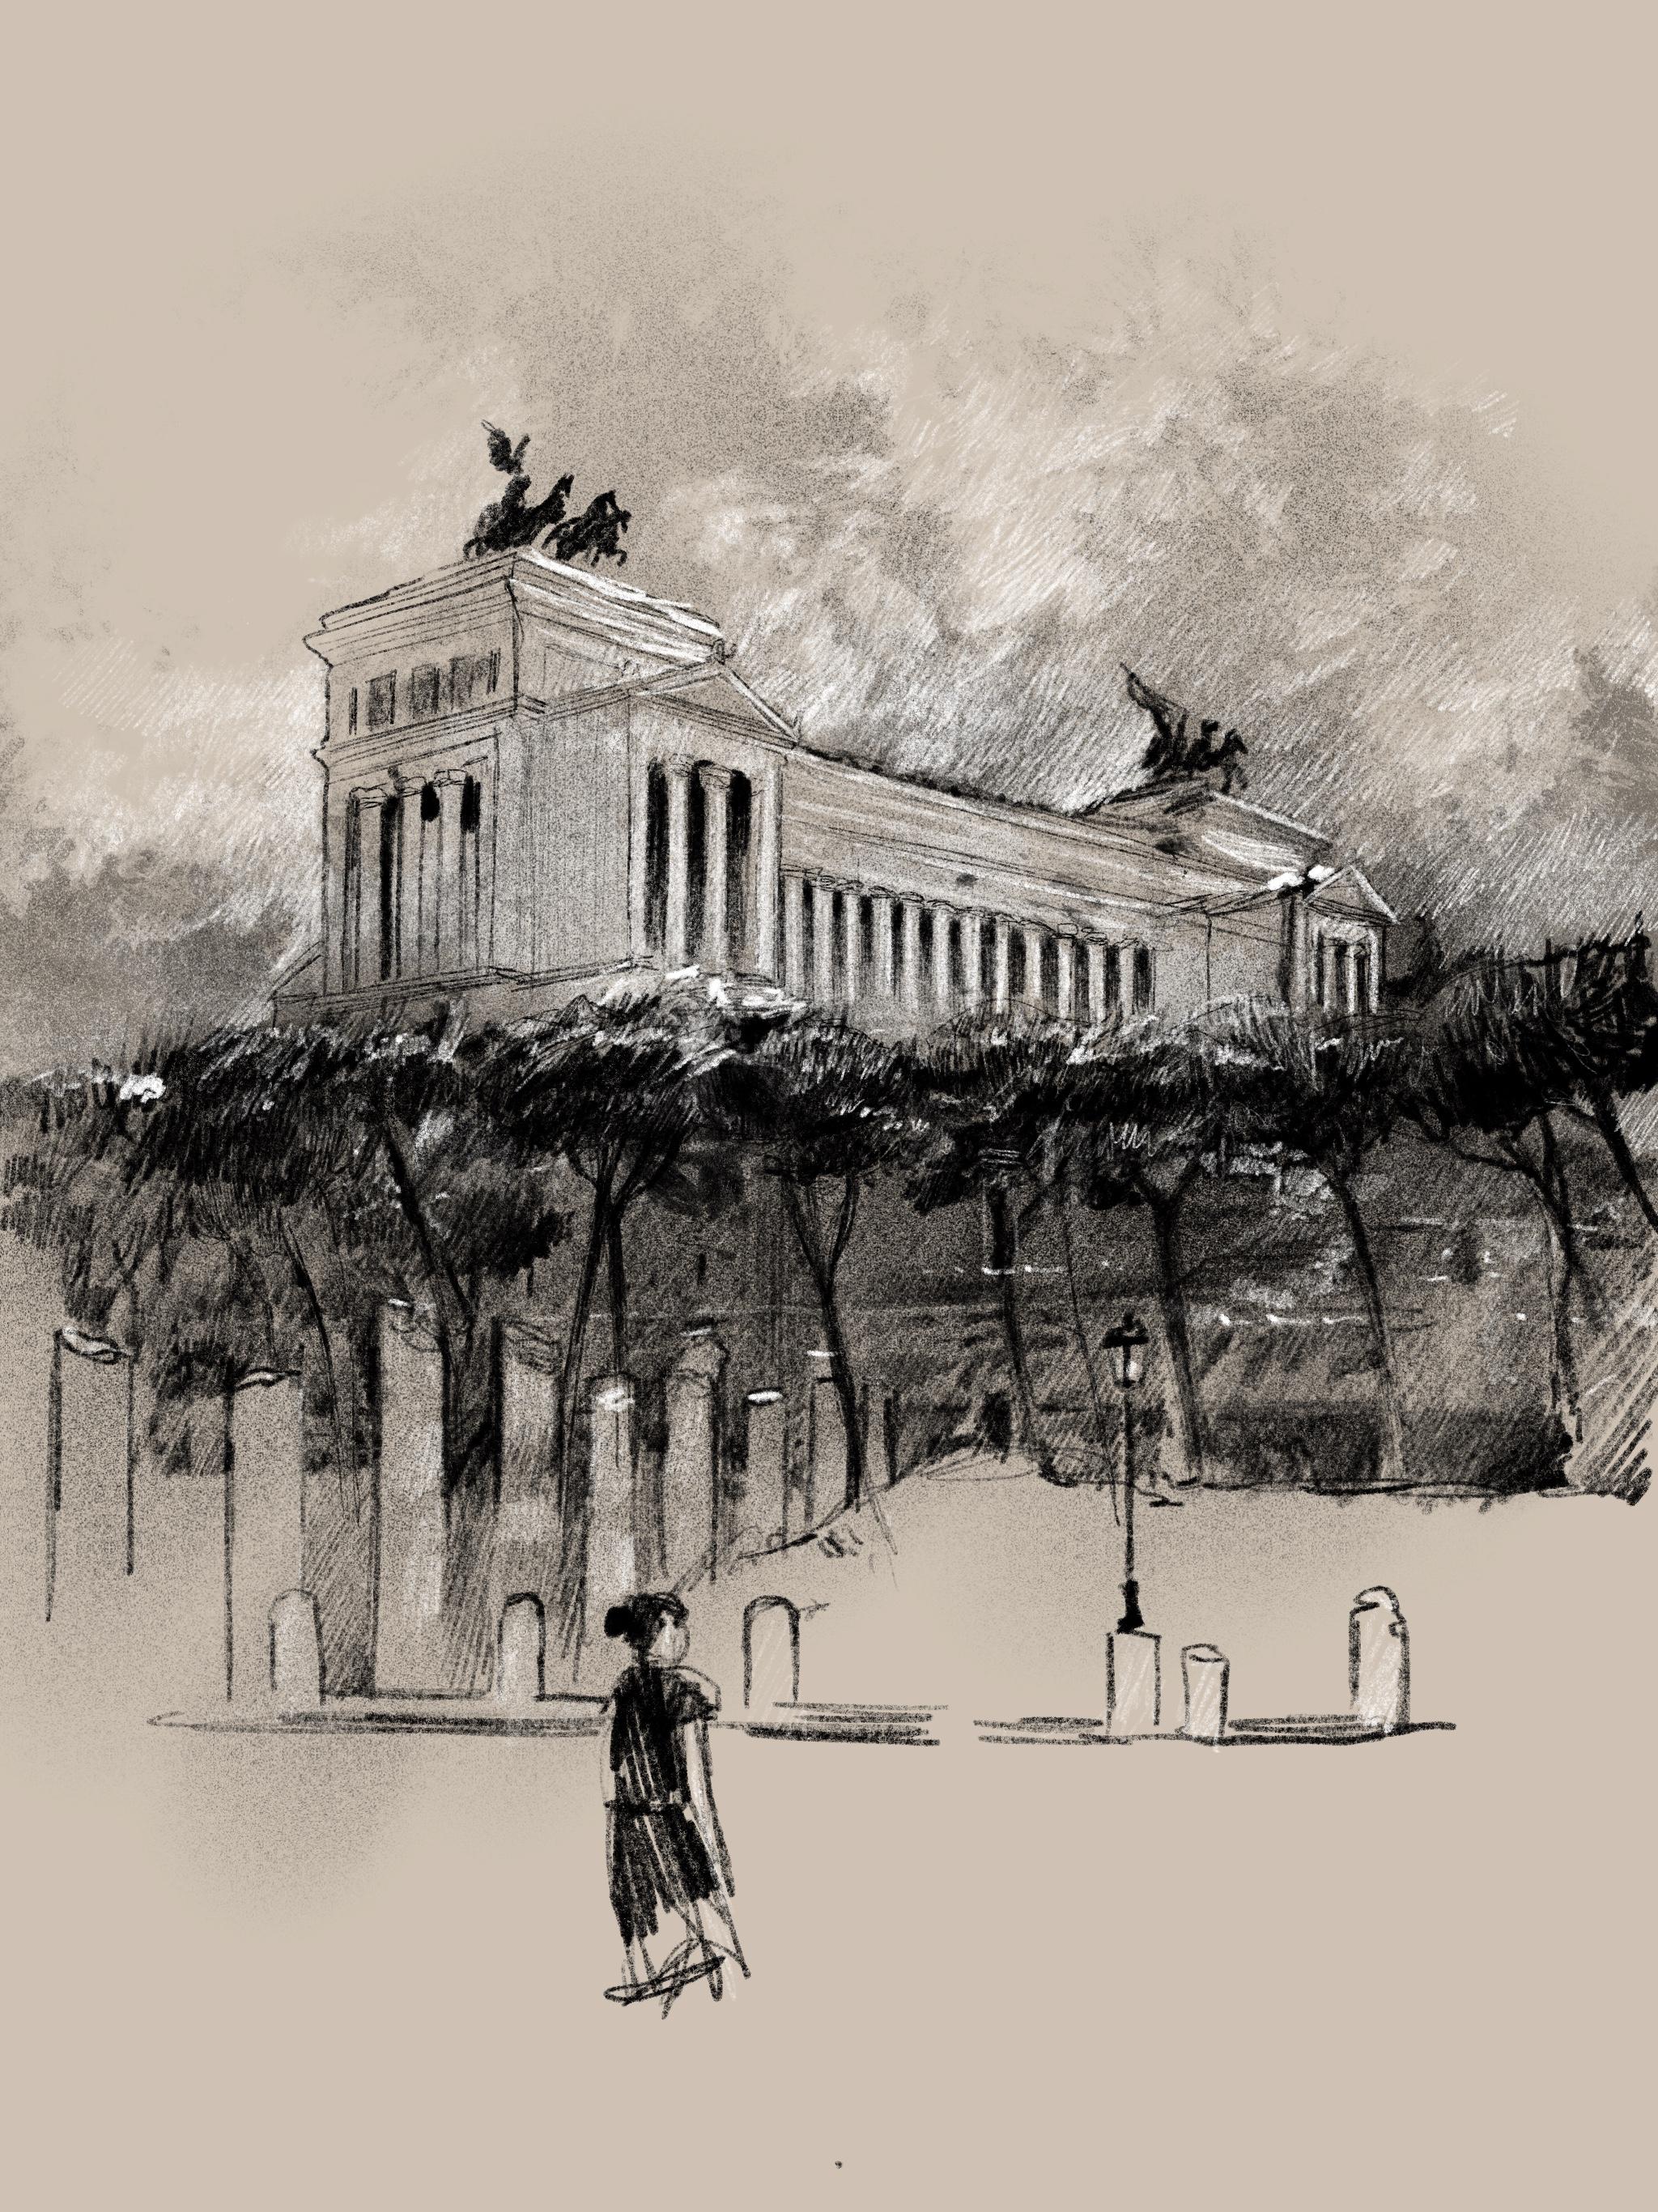 Roma altare della patria vittoriano neoclassico